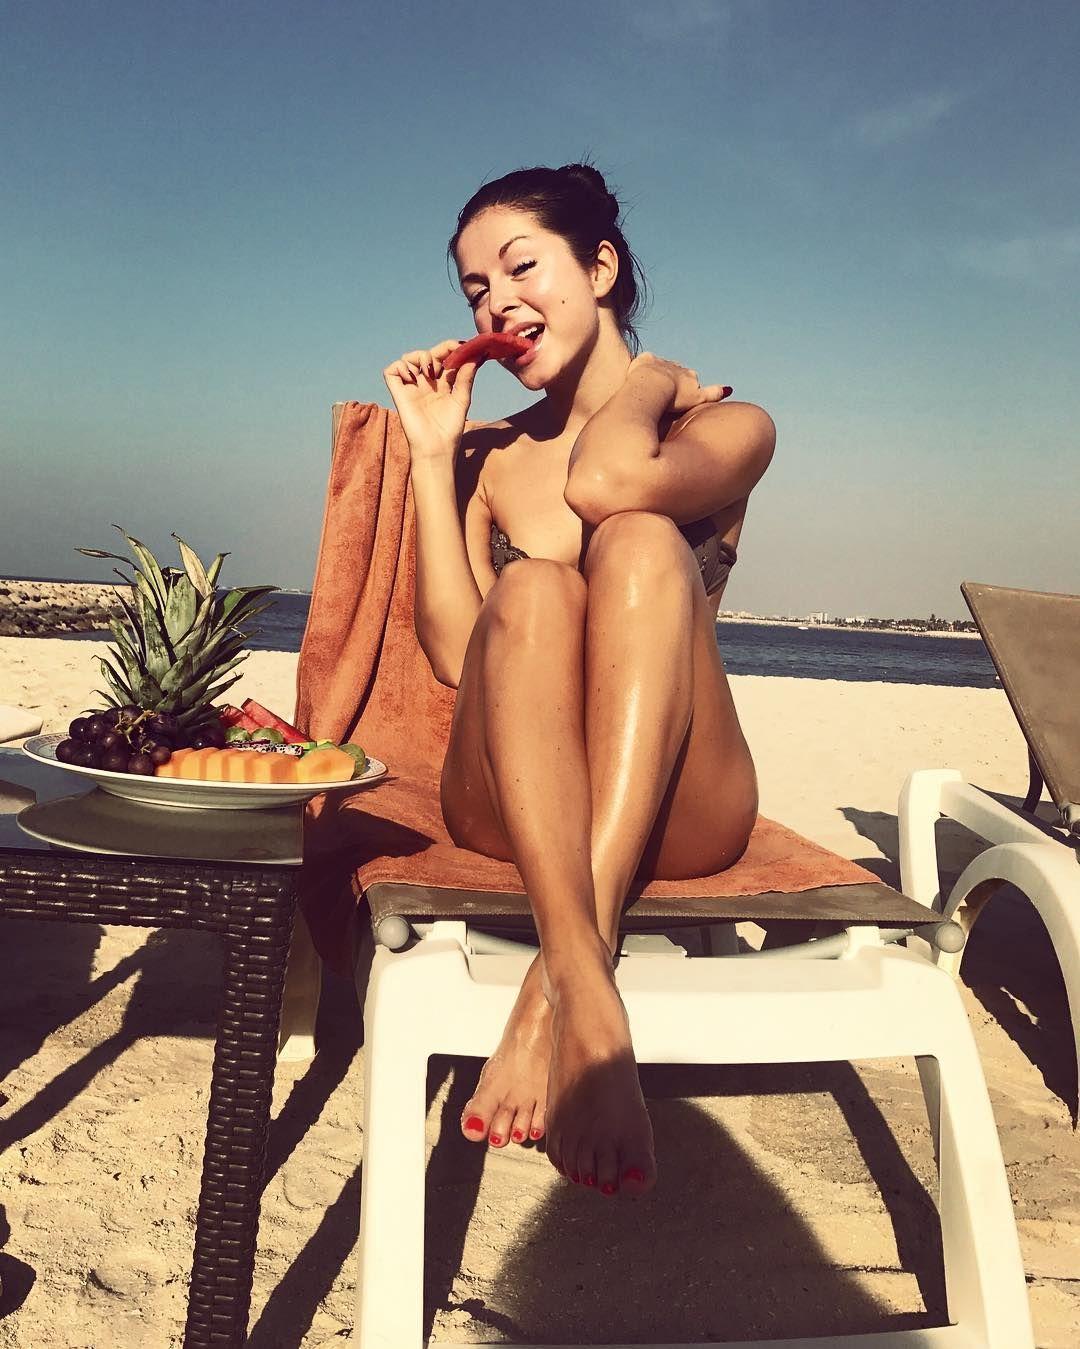 Співачка Нюша оголилася на відпочинку (фото)